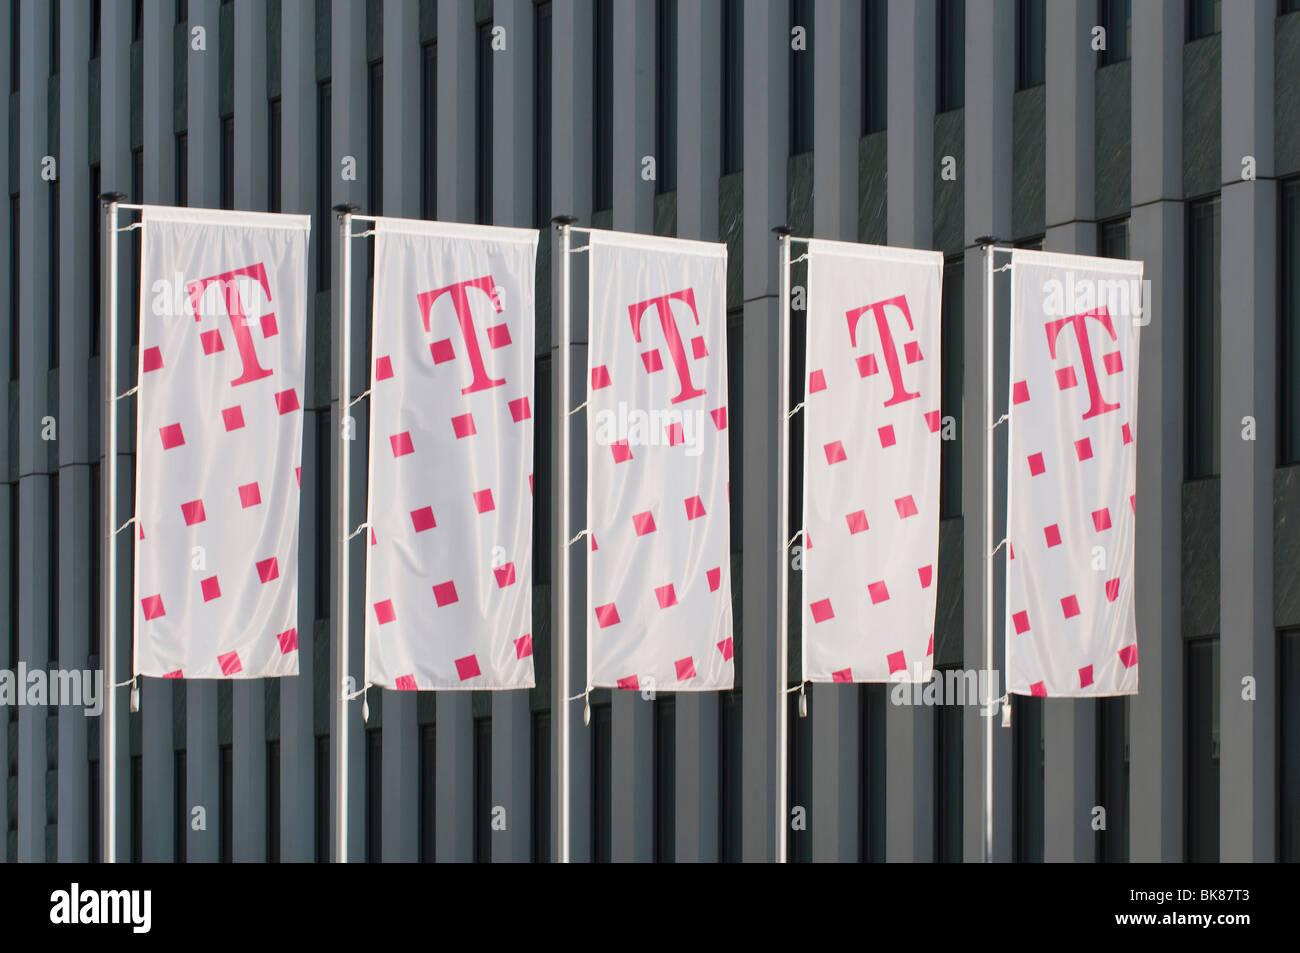 Telekom cinq drapeaux devant la façade d'un immeuble de bureaux, Deutsche Telekom AG, Bonn, Berlin, Germany, Photo Stock